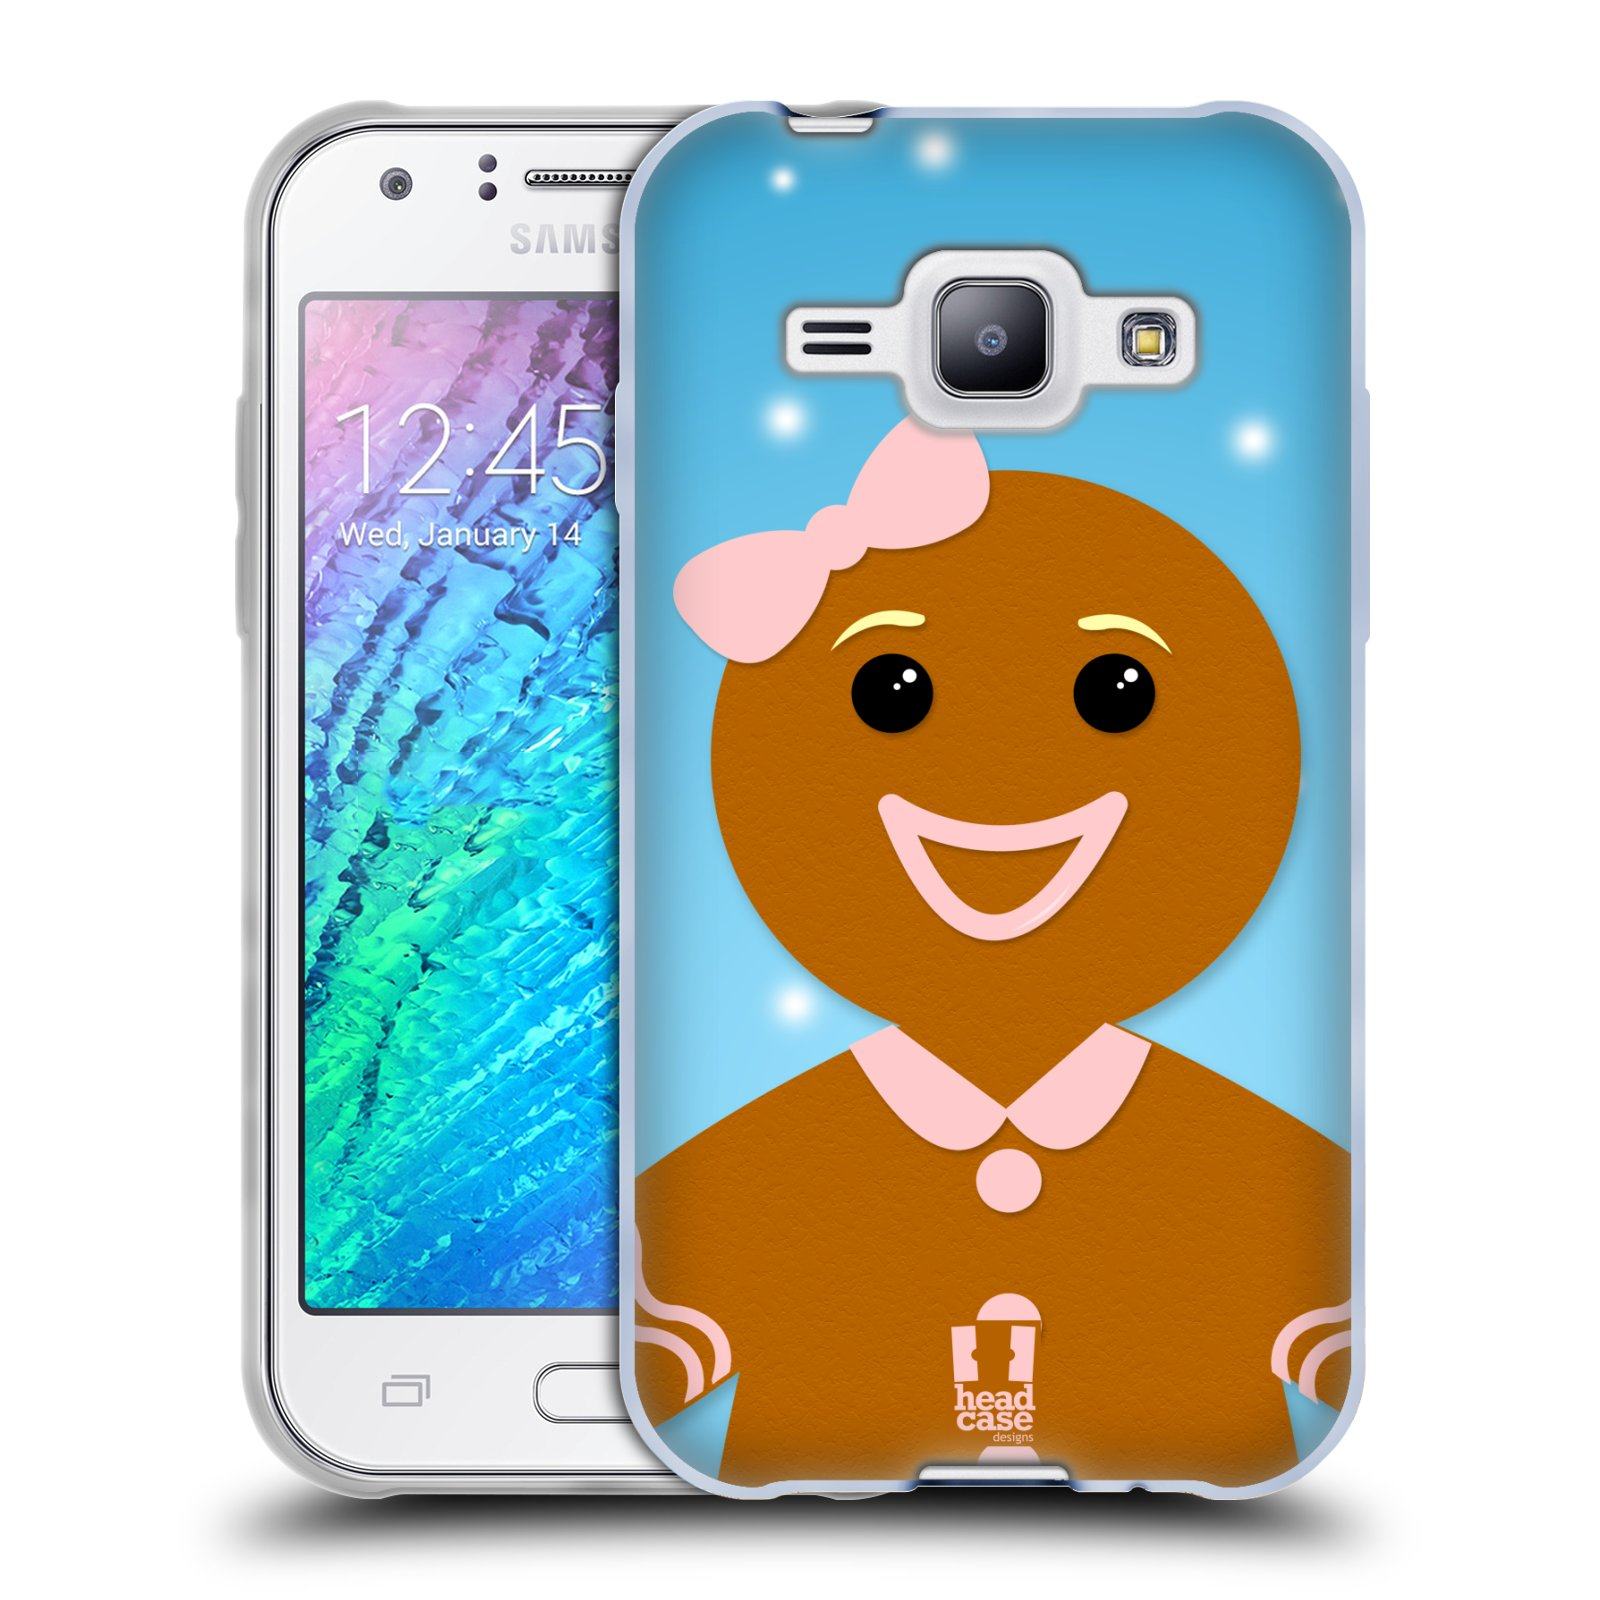 Silikonové pouzdro na mobil Samsung Galaxy J1 HEAD CASE VÁNOCE PERNÍČEK (Silikonový kryt či obal na mobilní telefon Samsung Galaxy J1 a J1 Duos)